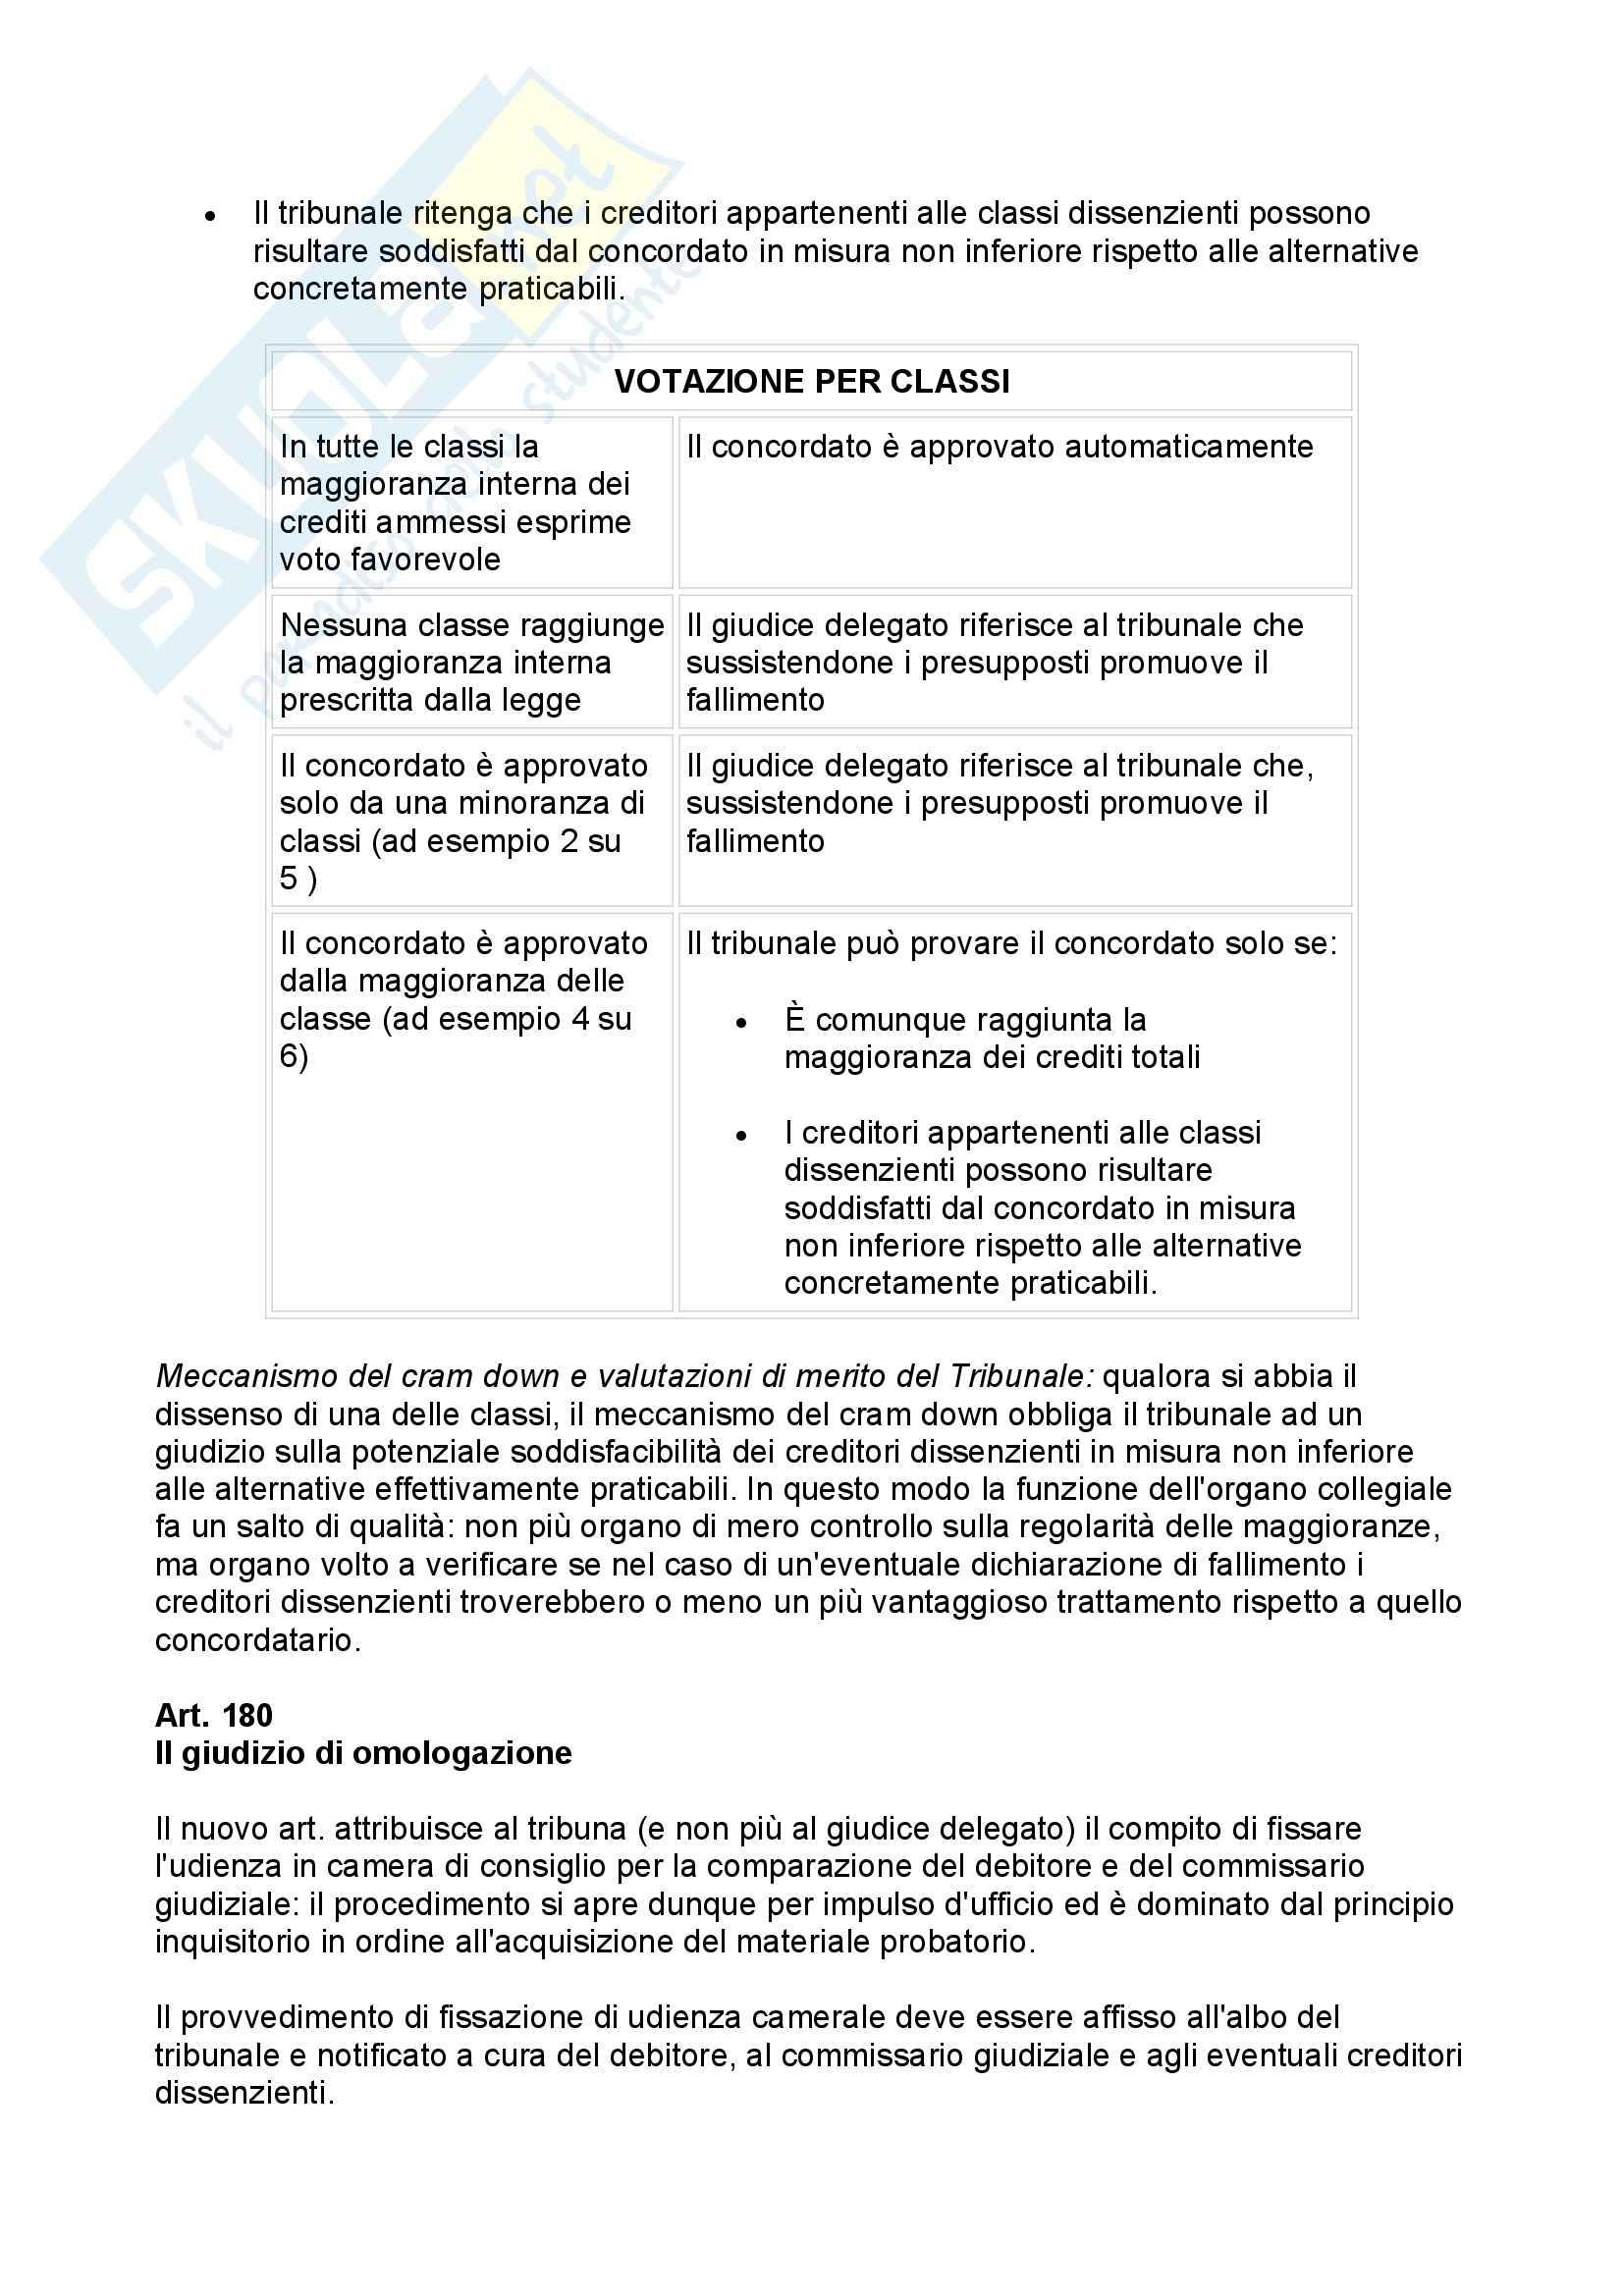 Diritto fallimentare - Appunti Pag. 116